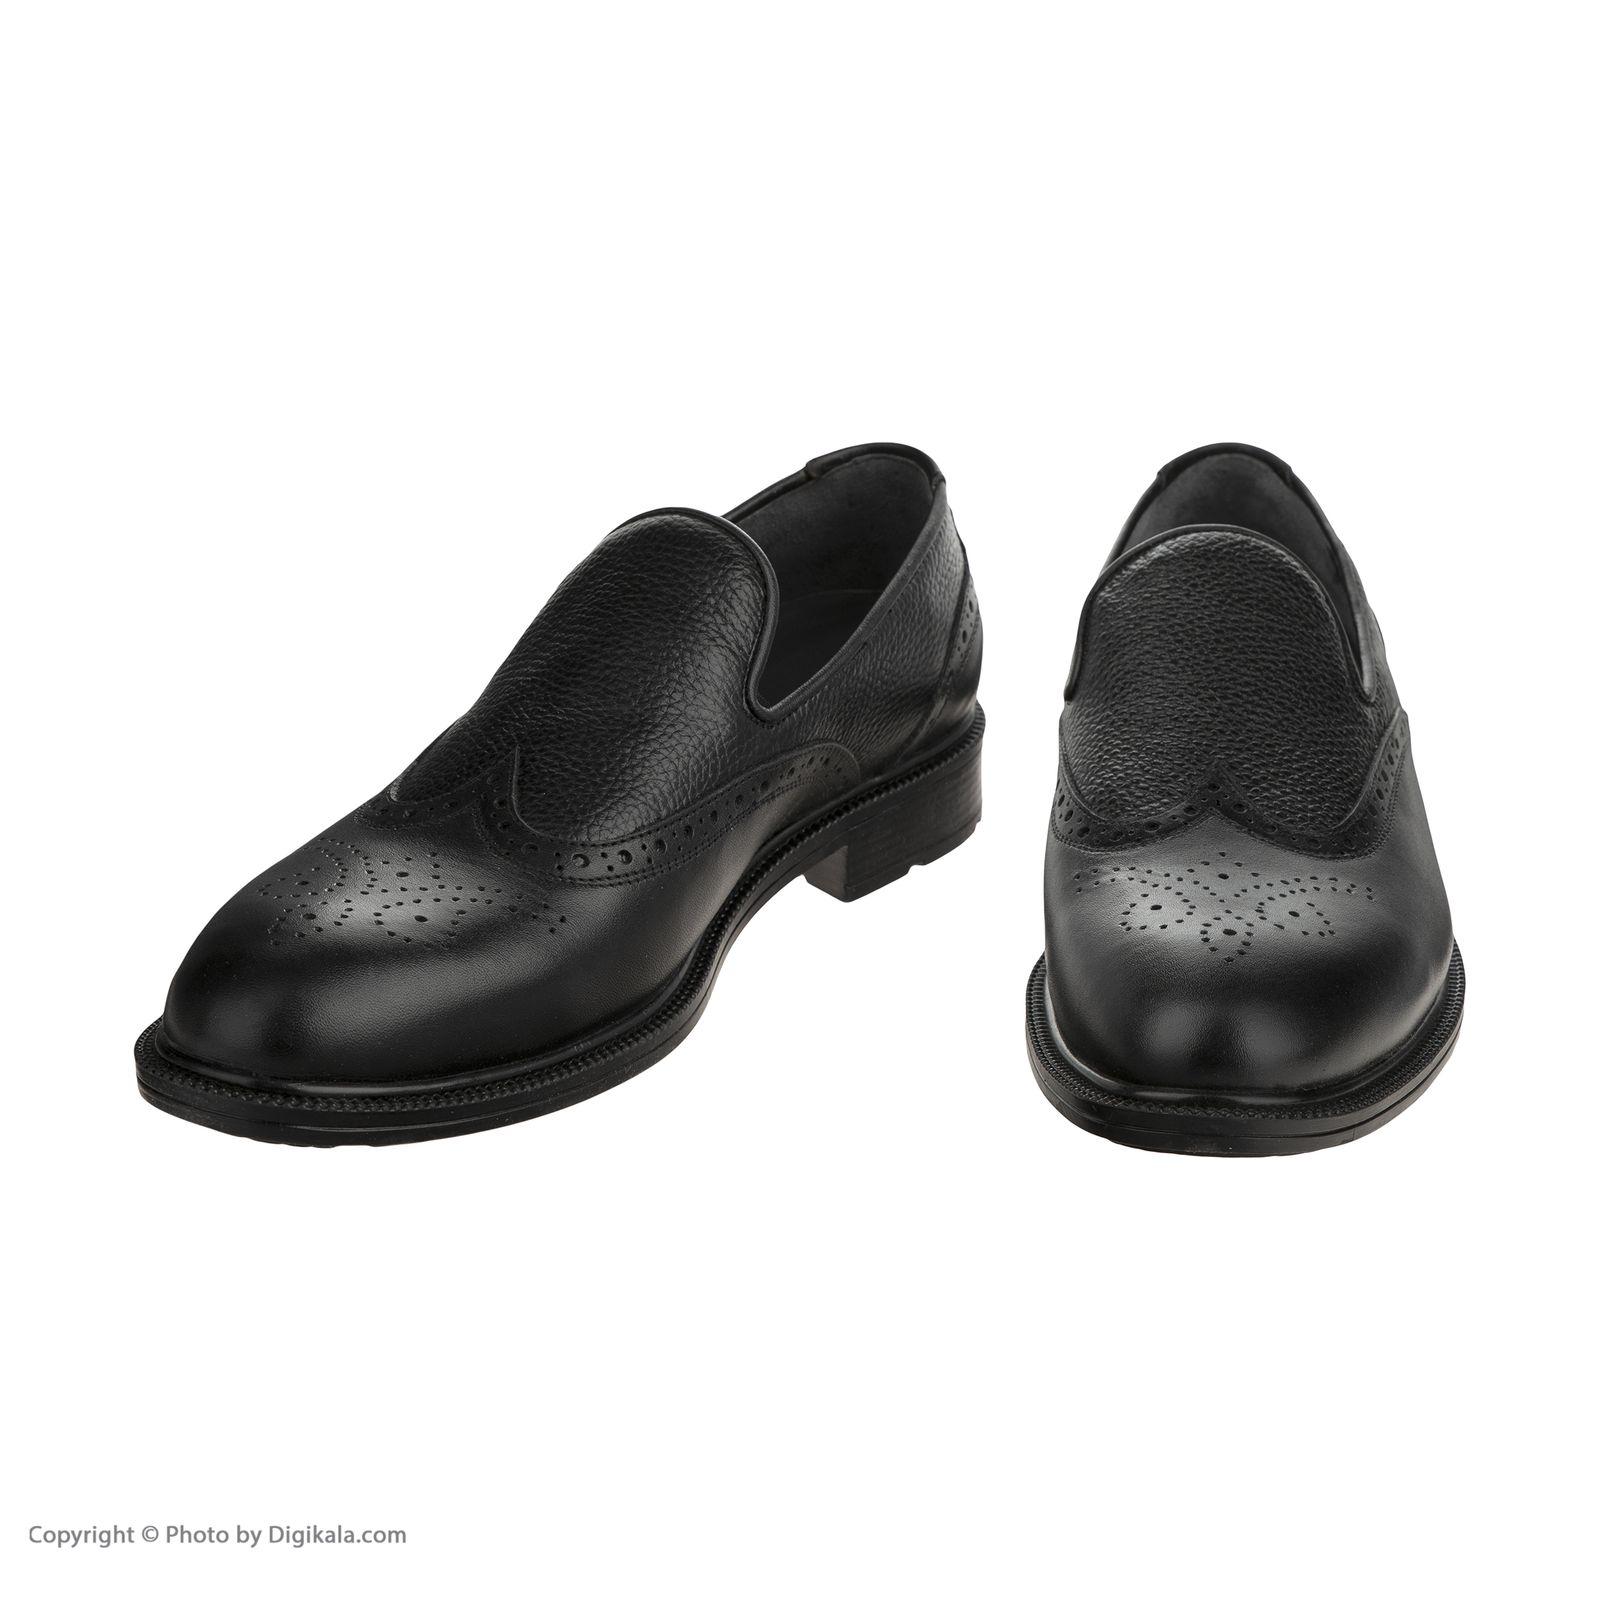 کفش مردانه بلوط مدل 7295A503101 -  - 6